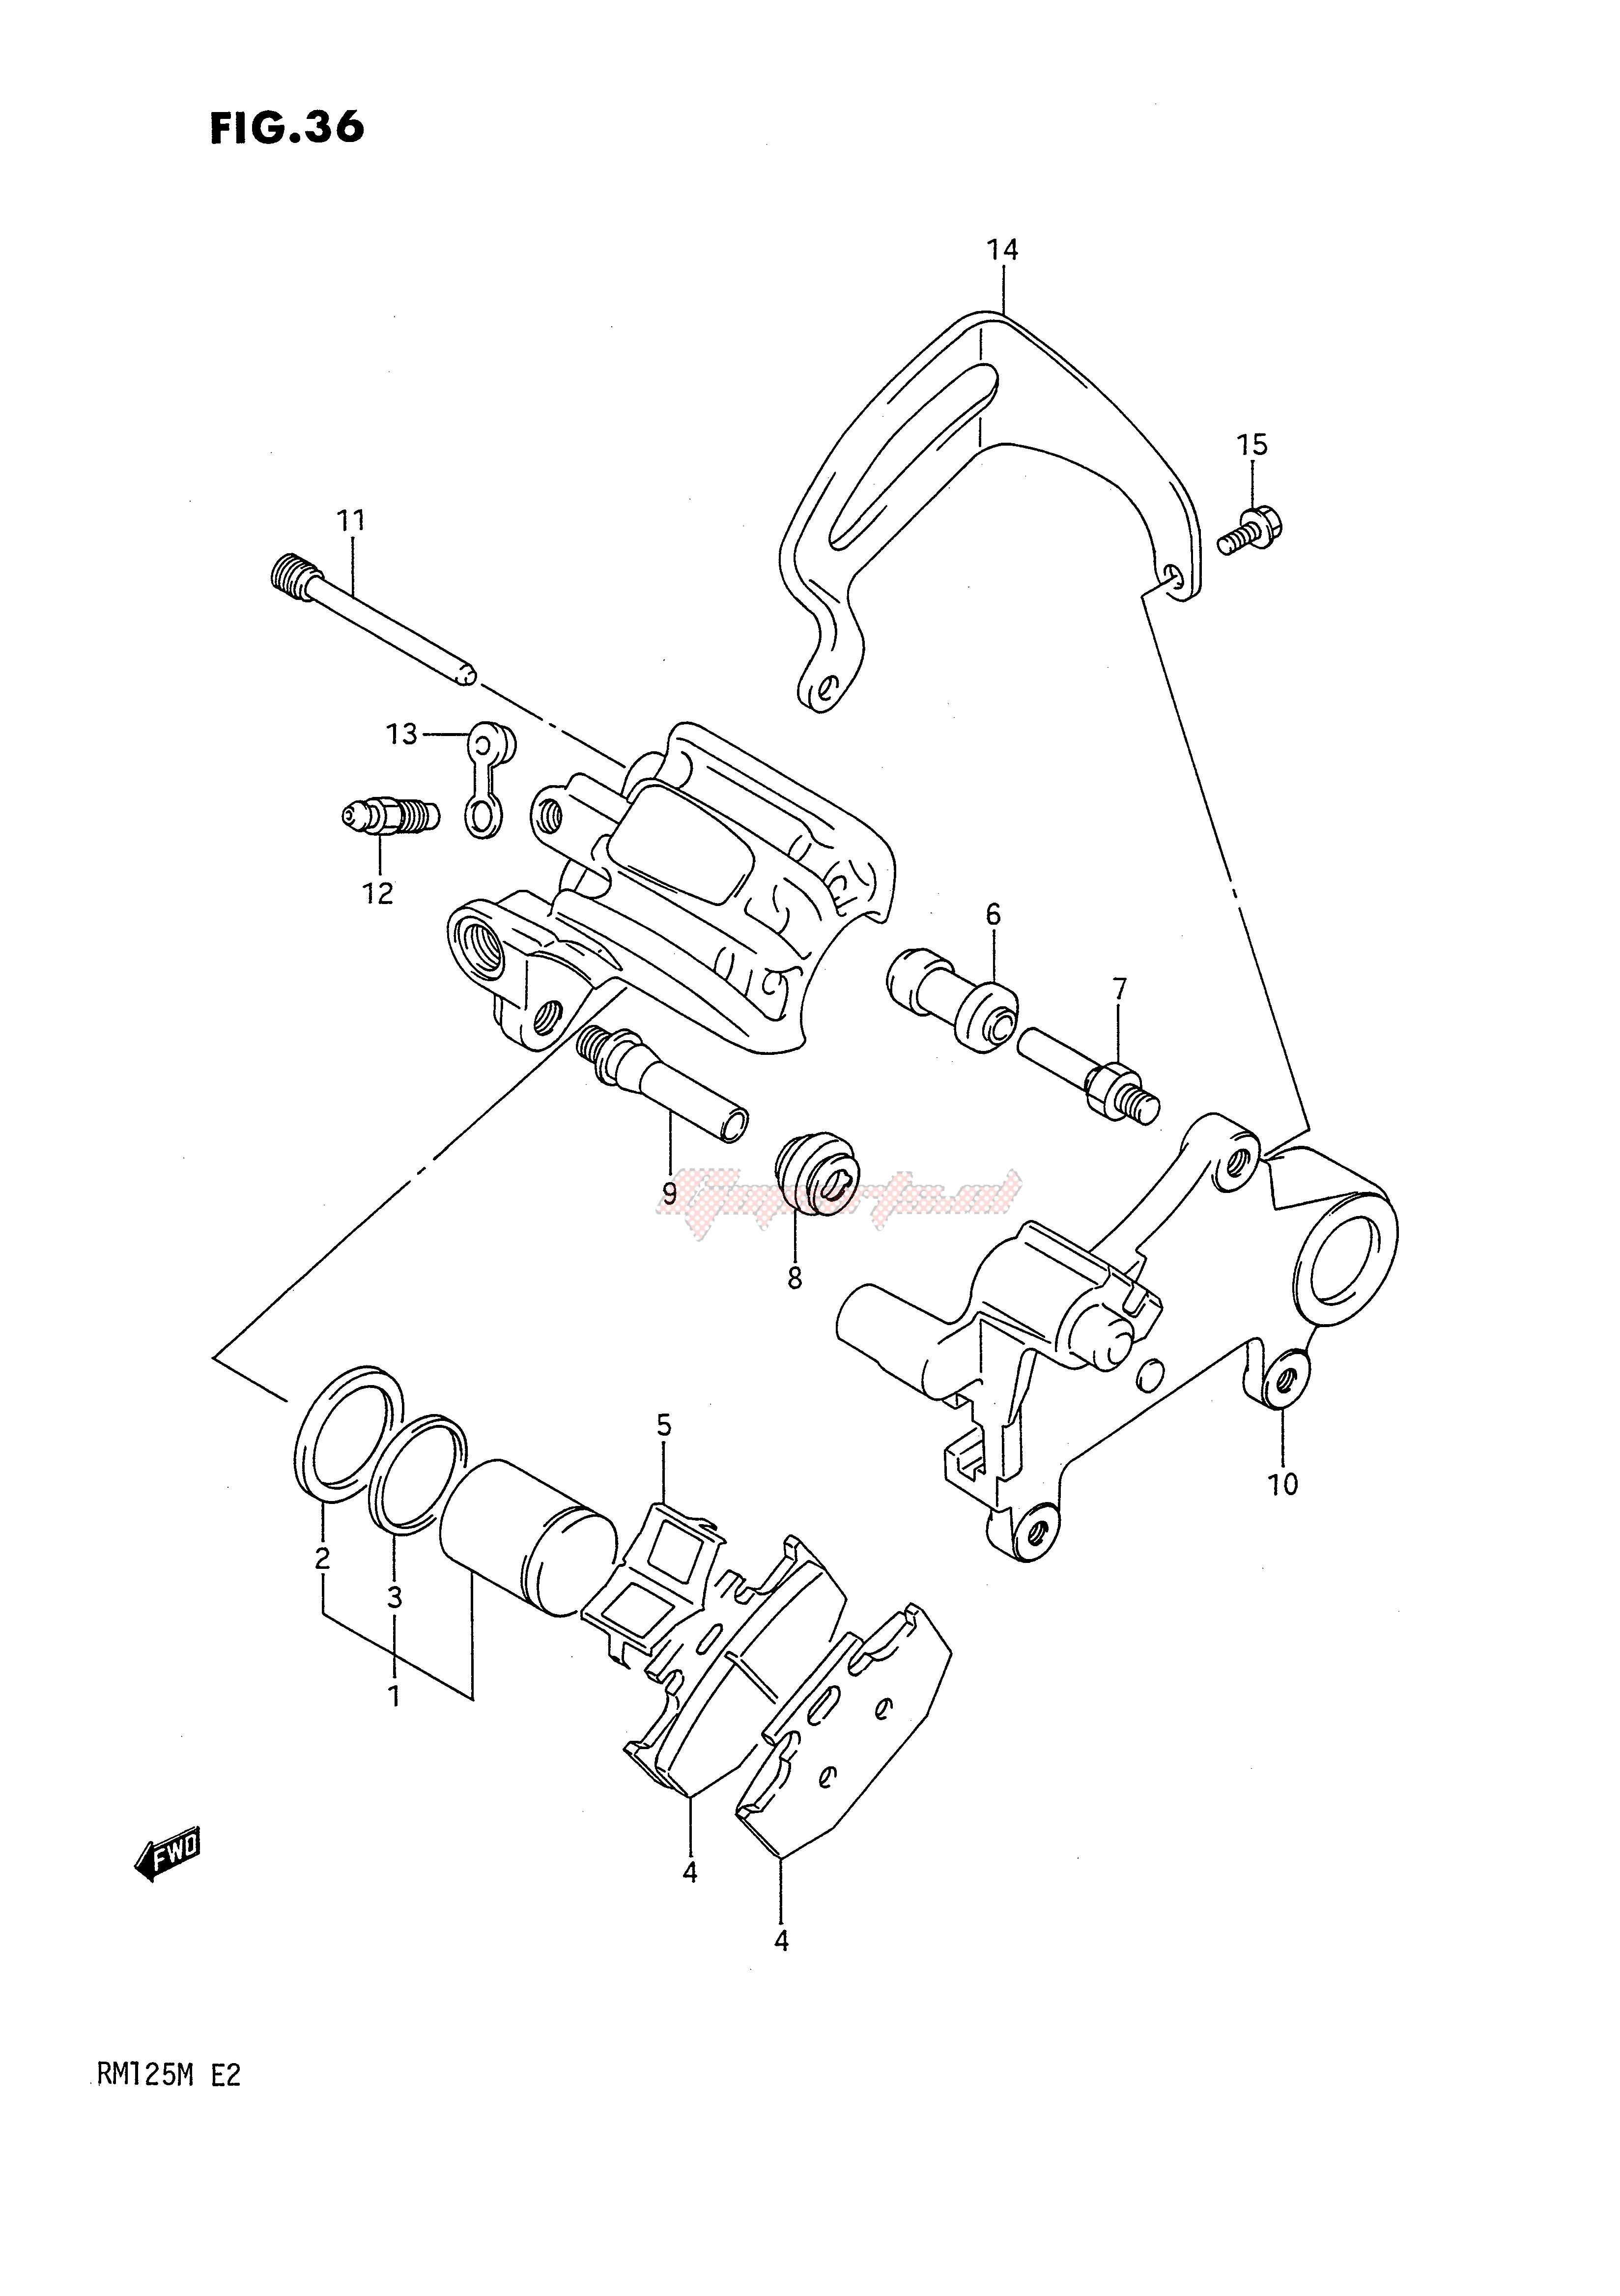 REAR CALIPERS (MODEL K) blueprint